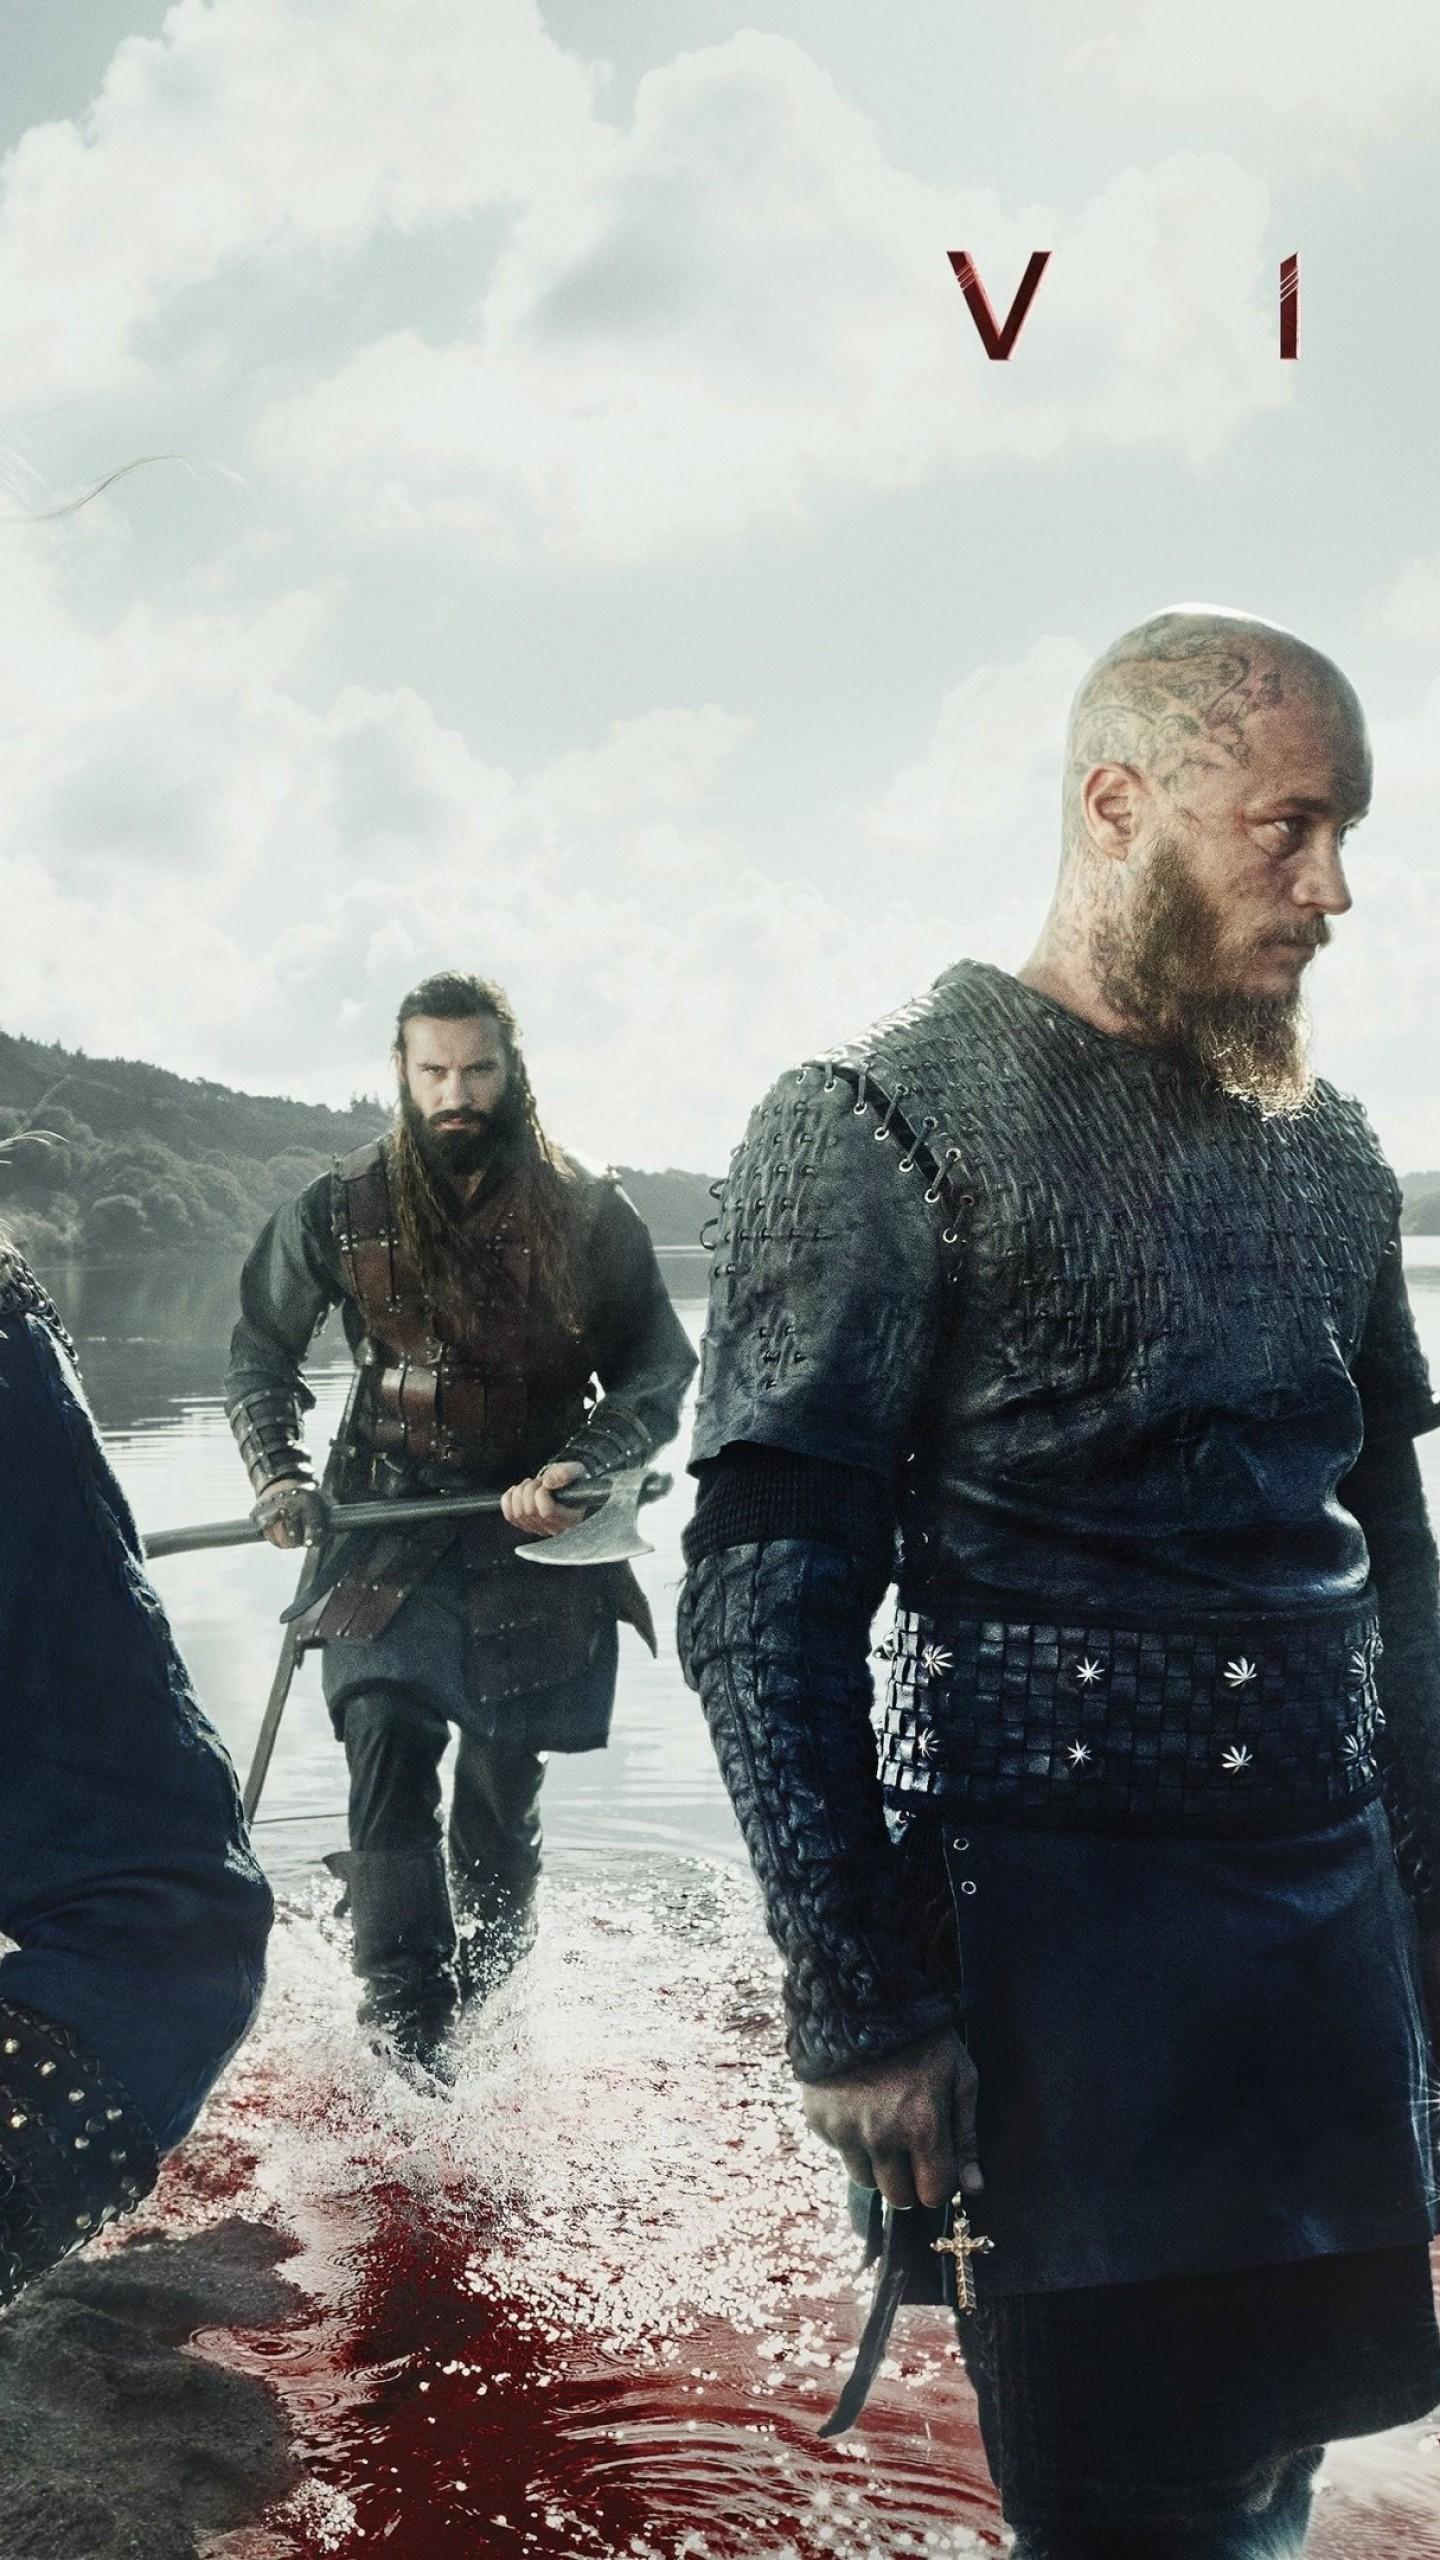 Wallpaper Vikings Season 5 Travis Fimmel Katheryn Winnick 4k